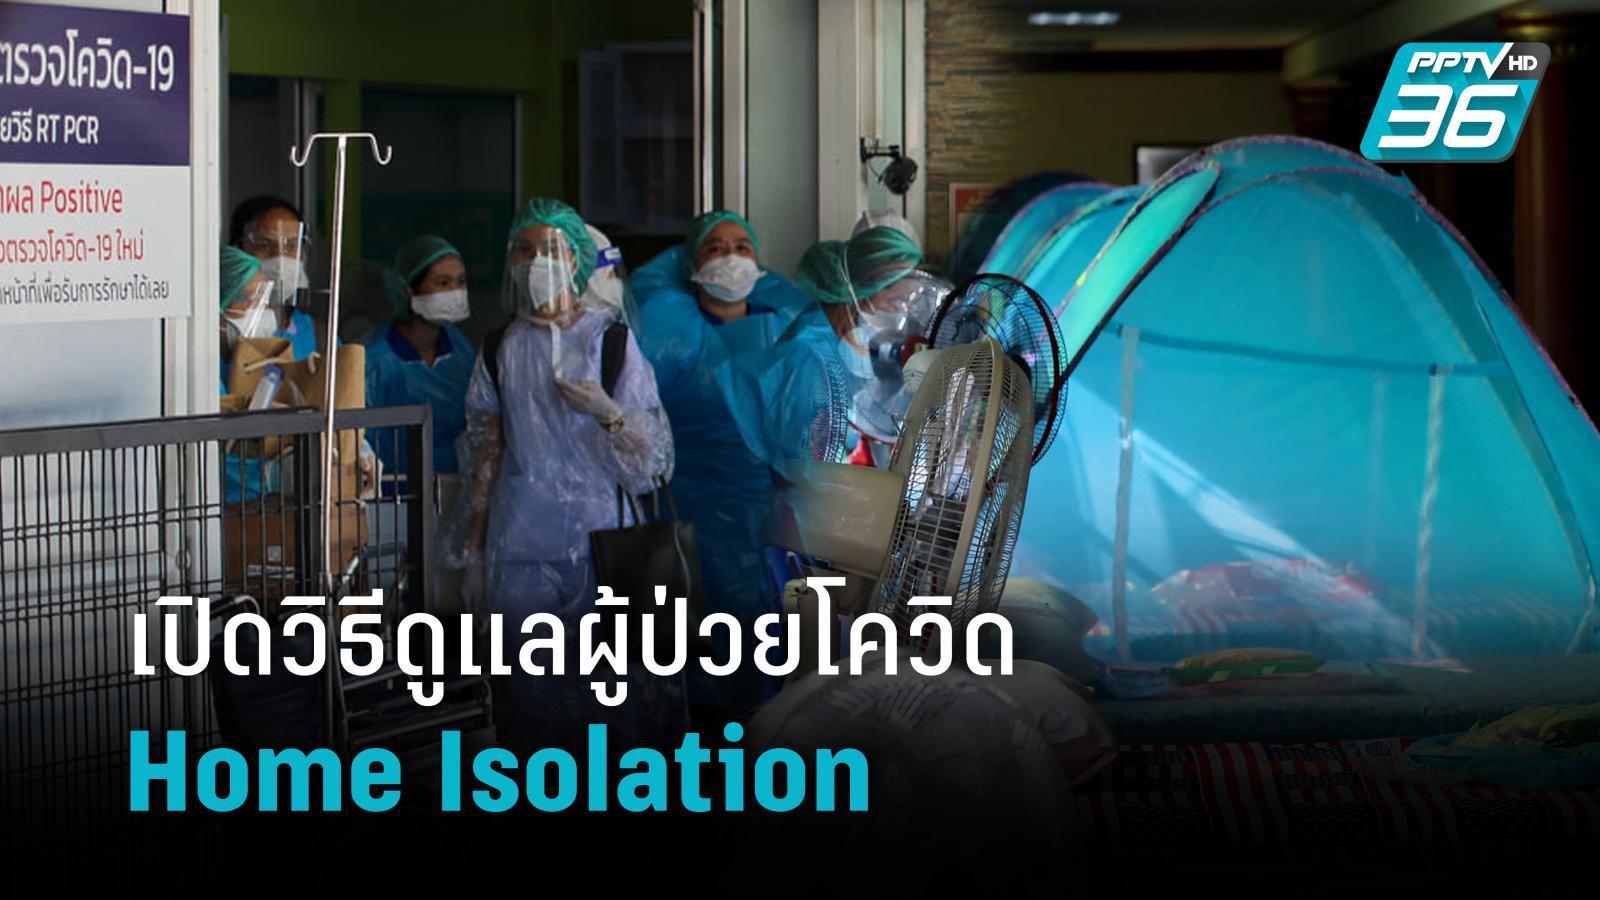 เปิดวิธีดูแลผู้ป่วย Home Isolation ที่ทีมแพทย์ดำเนินการ